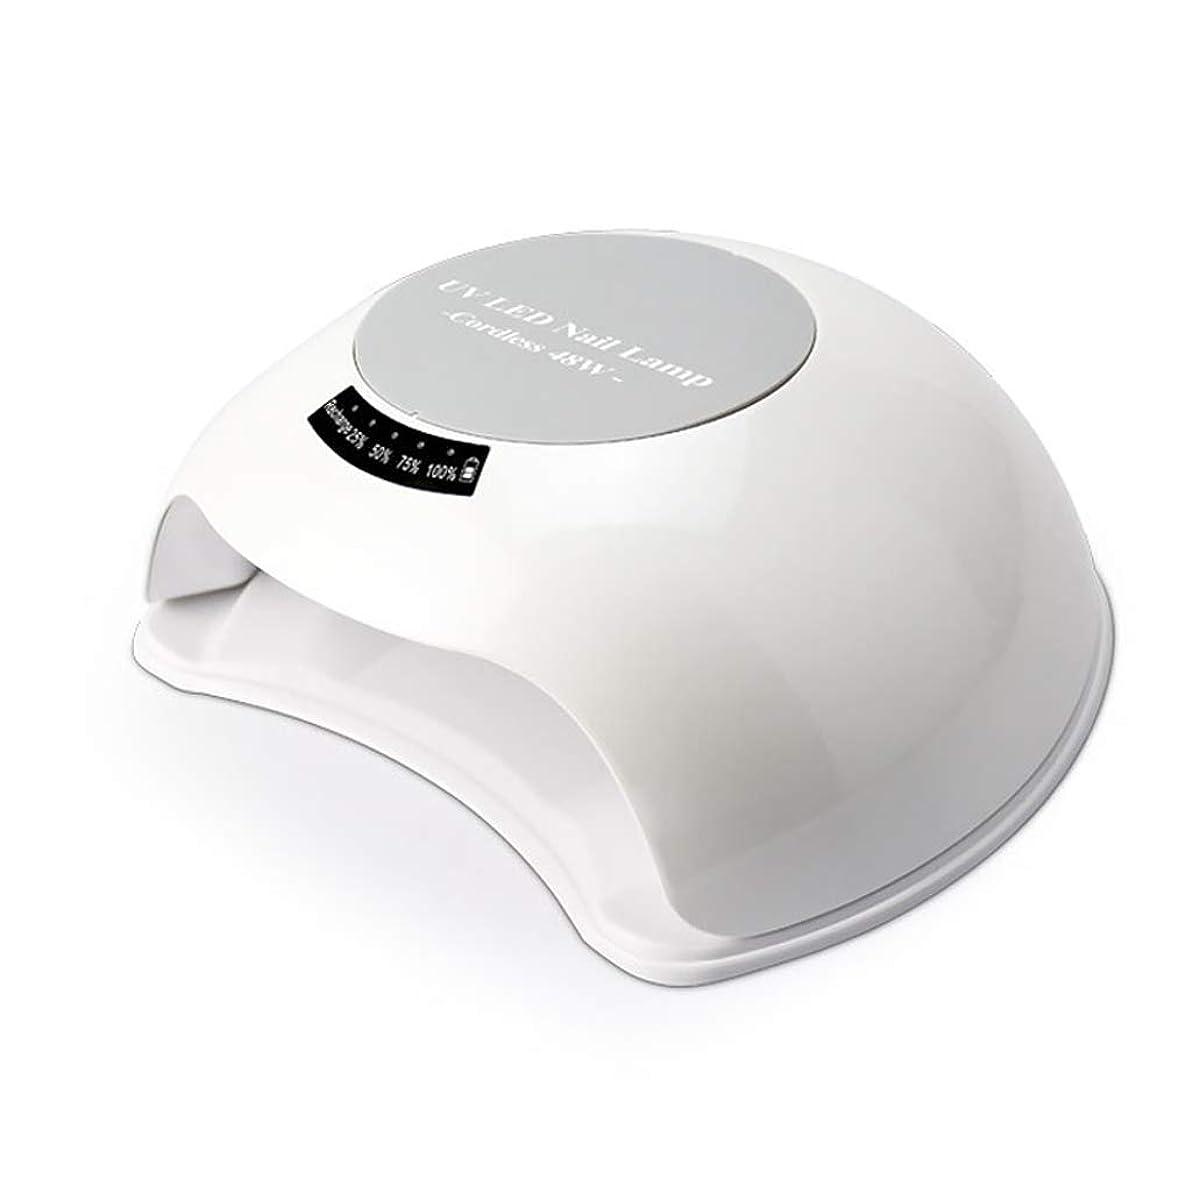 釈義危険を冒します堤防ネイル光線治療装置自動導入、乾燥日光UV LEDデュアル光源48Wファーストドライヤー